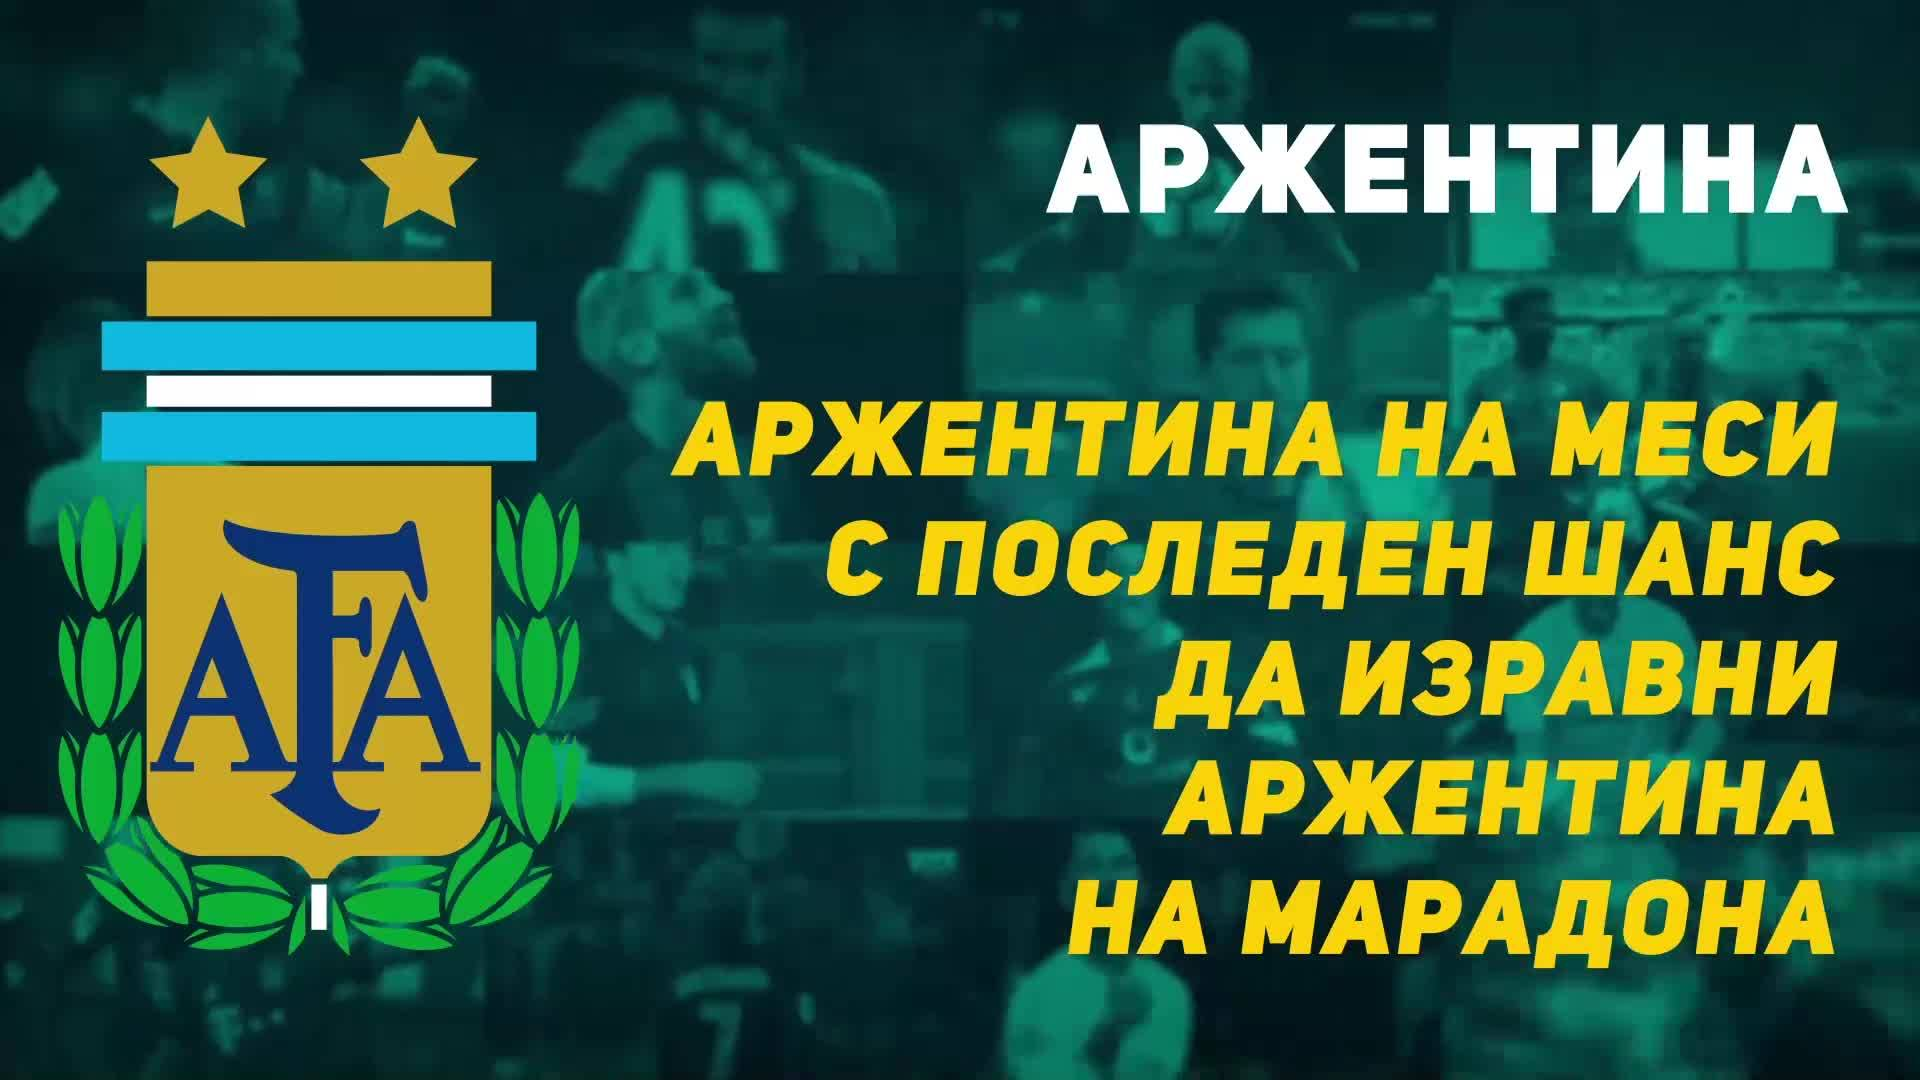 Аржентина на Меси с последен шанс да изравни Аржентина на Марадона